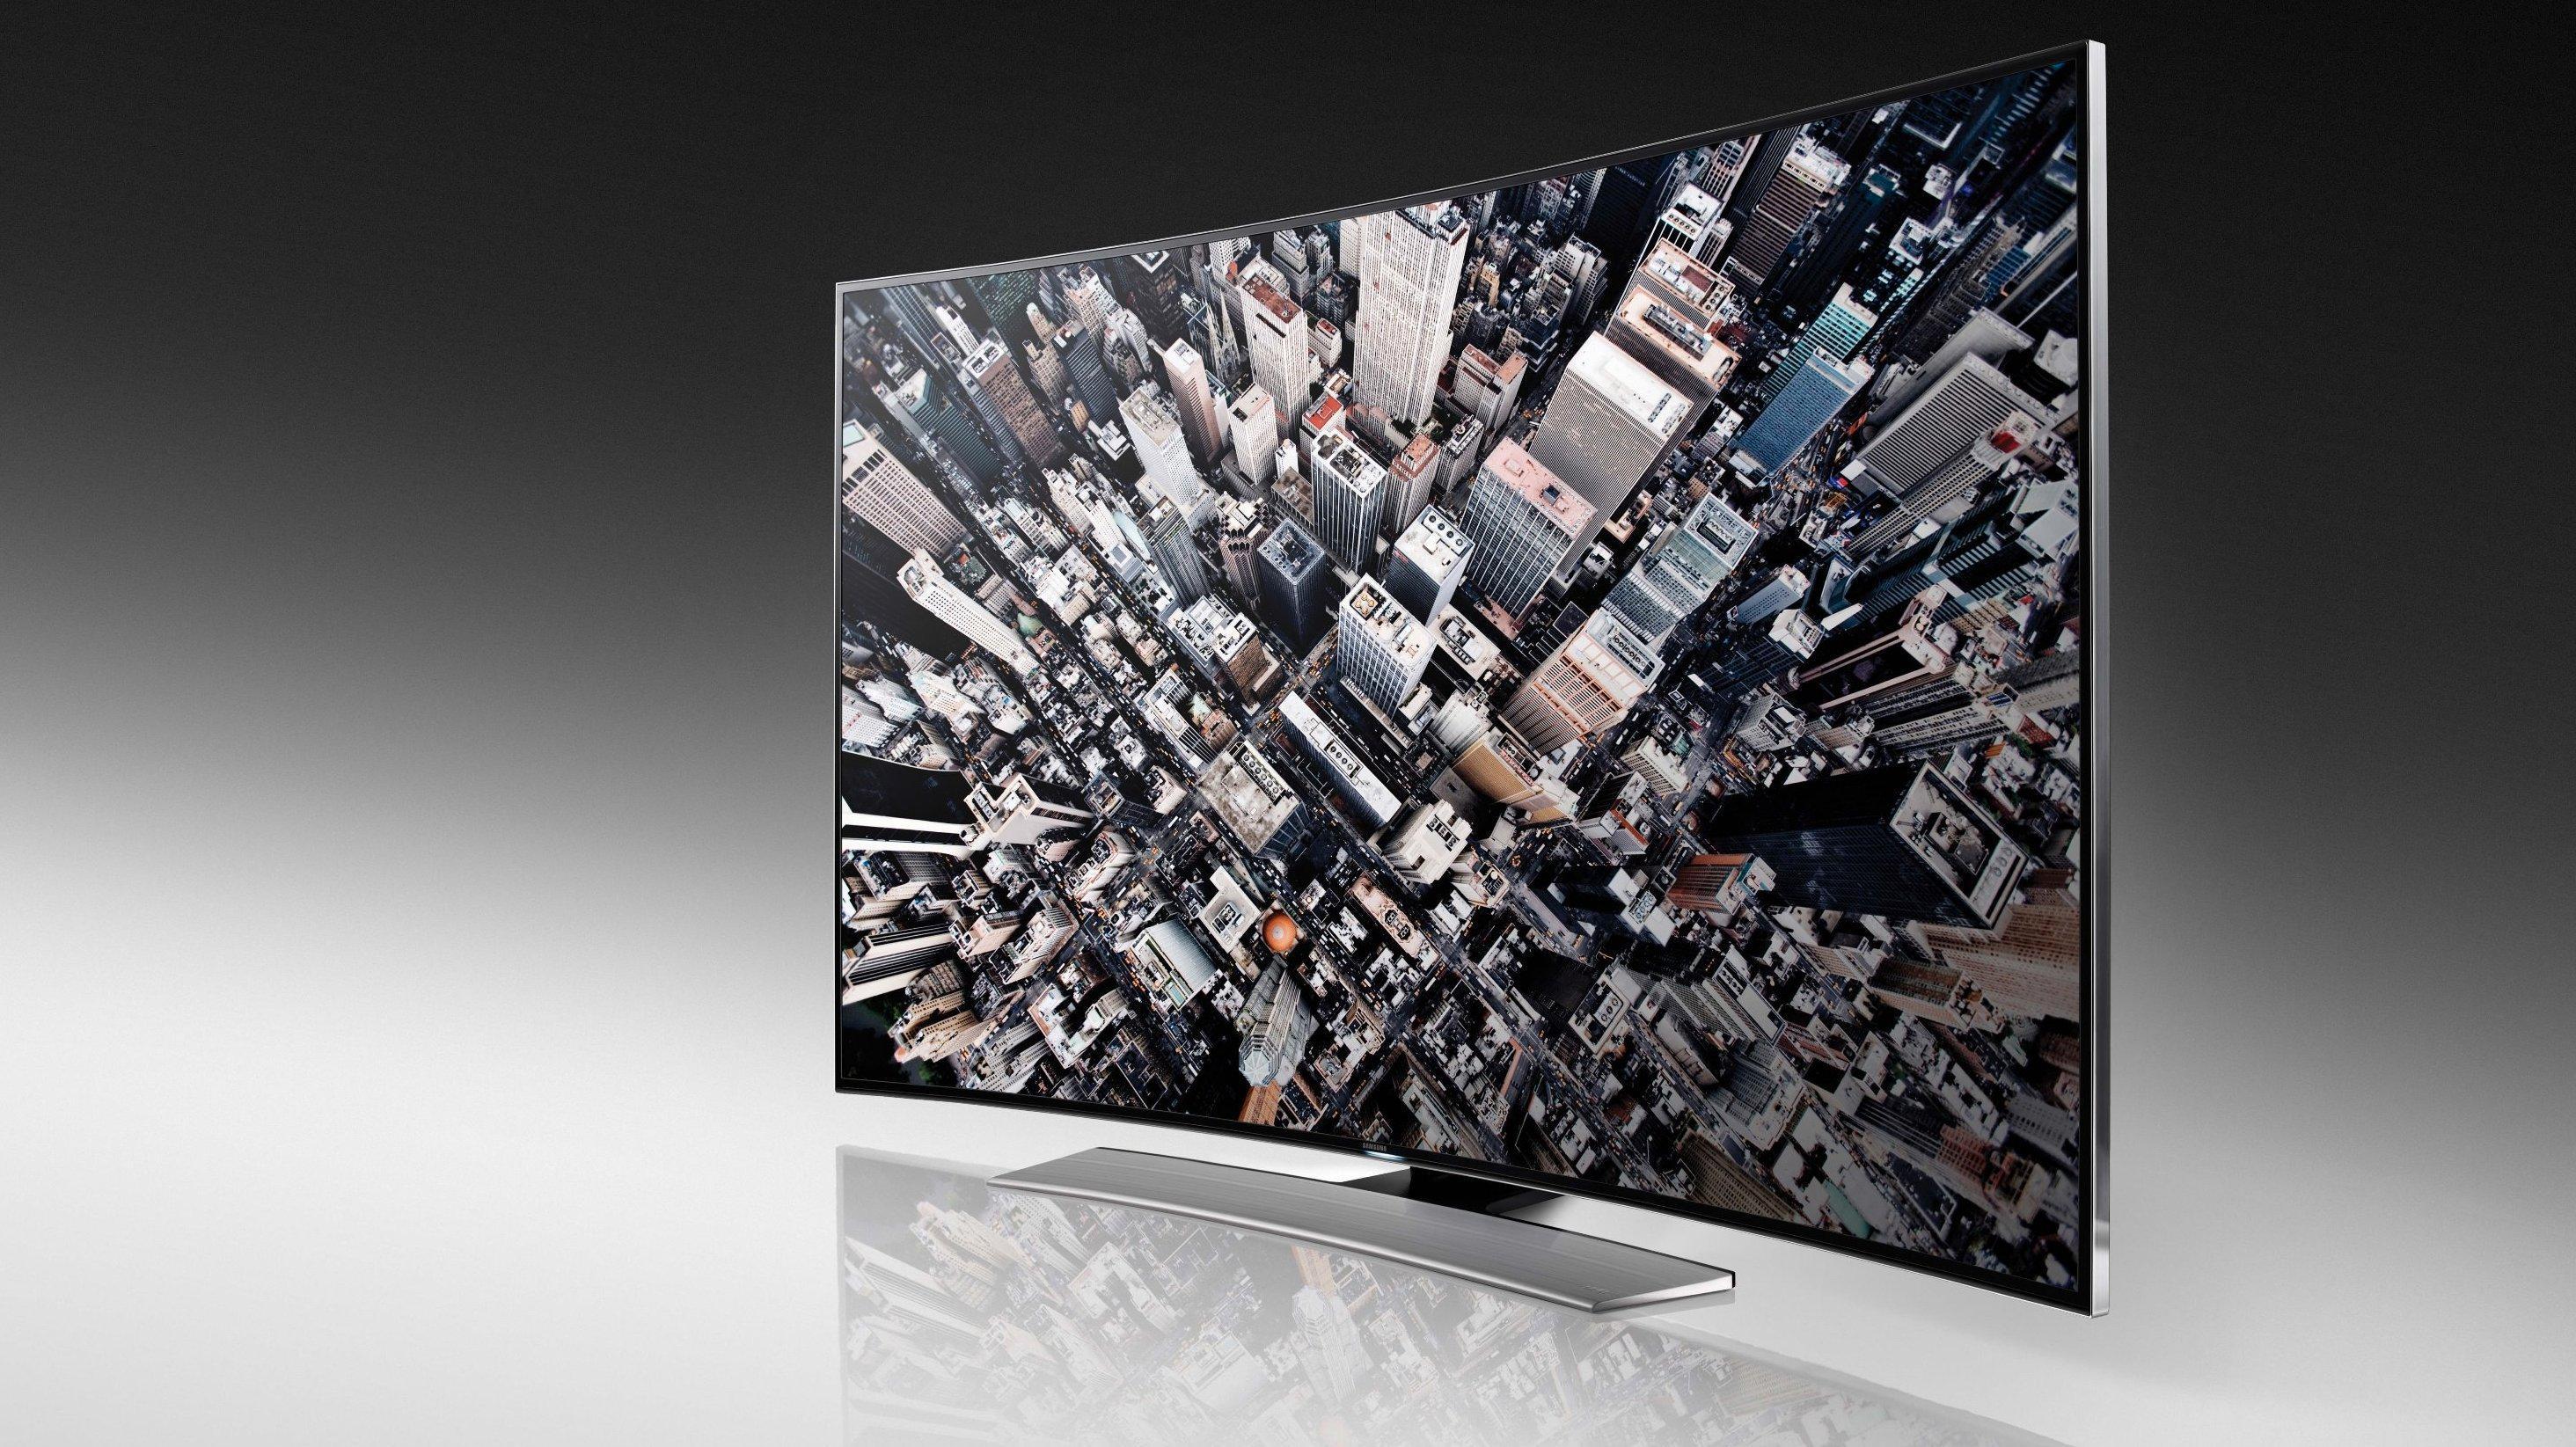 Det ligger visstnok en del psykologisk forskning bak de buede skjermene.Foto: Samsung